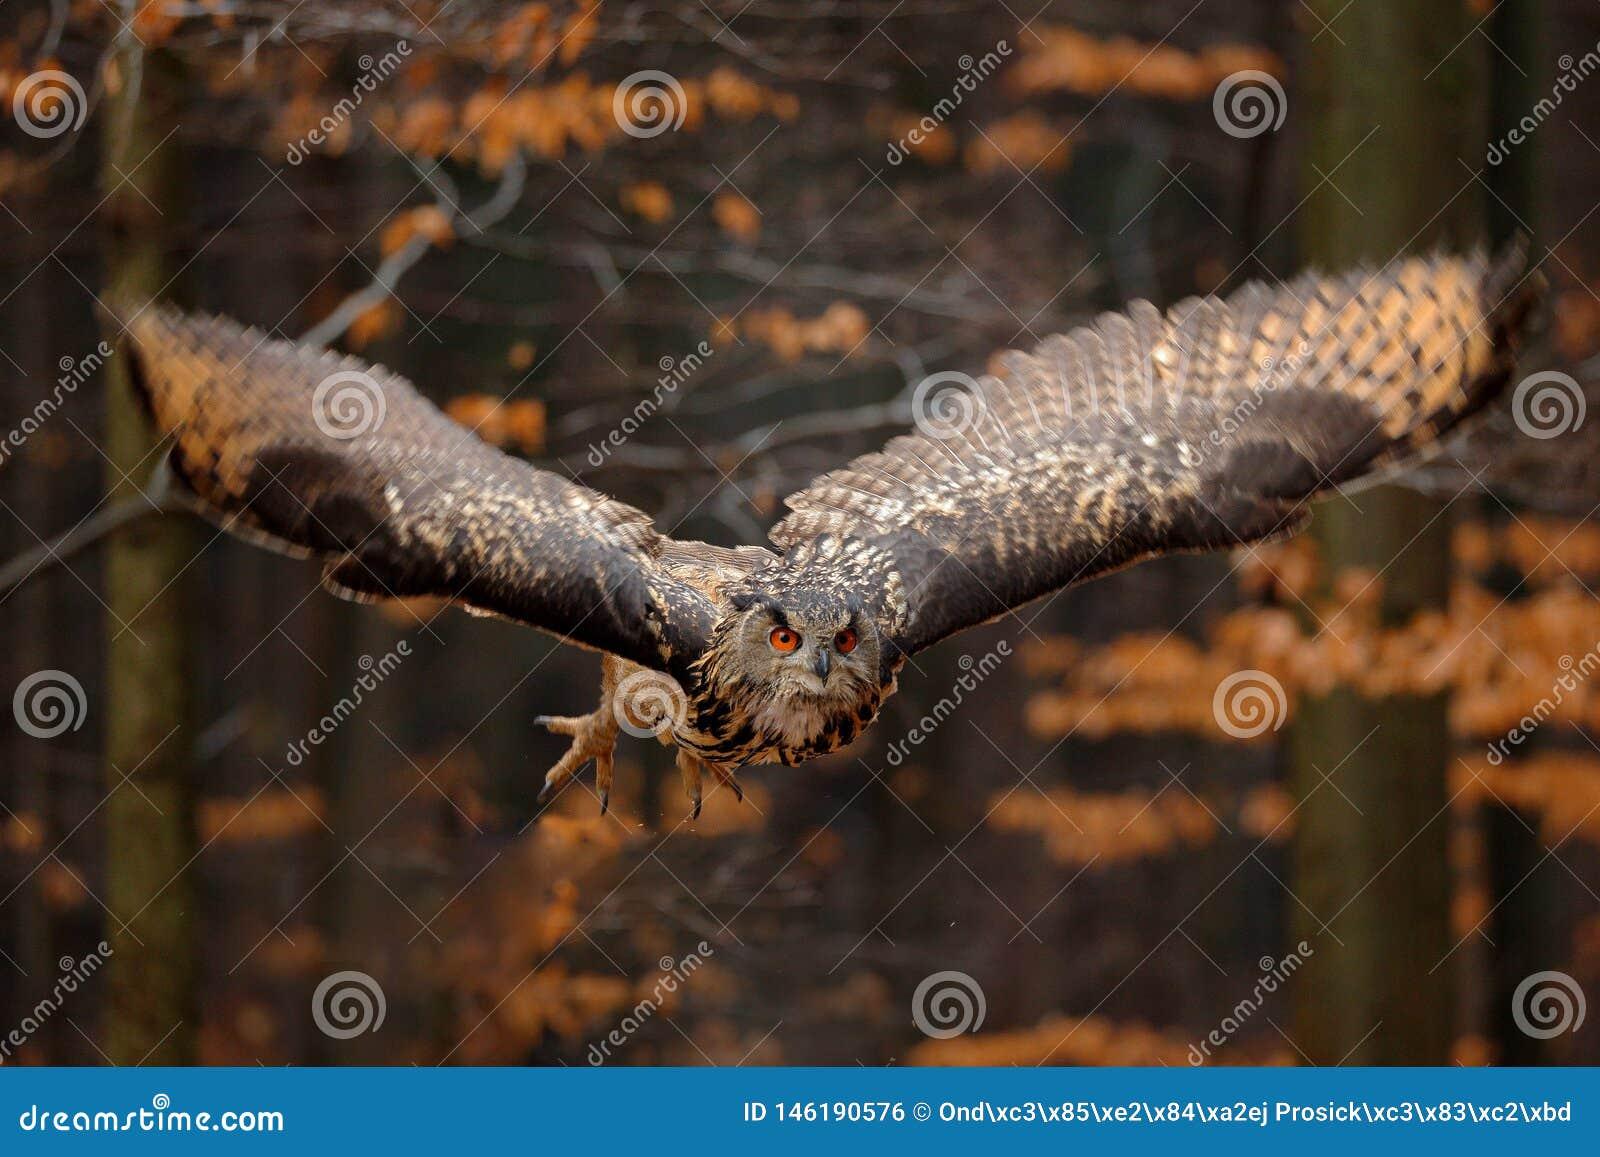 Eagle Owl euro-asi?tico, bub?o do bub?o, com asas abertas em voo, habitat da floresta no fundo, ?rvores alaranjadas do outono Cen